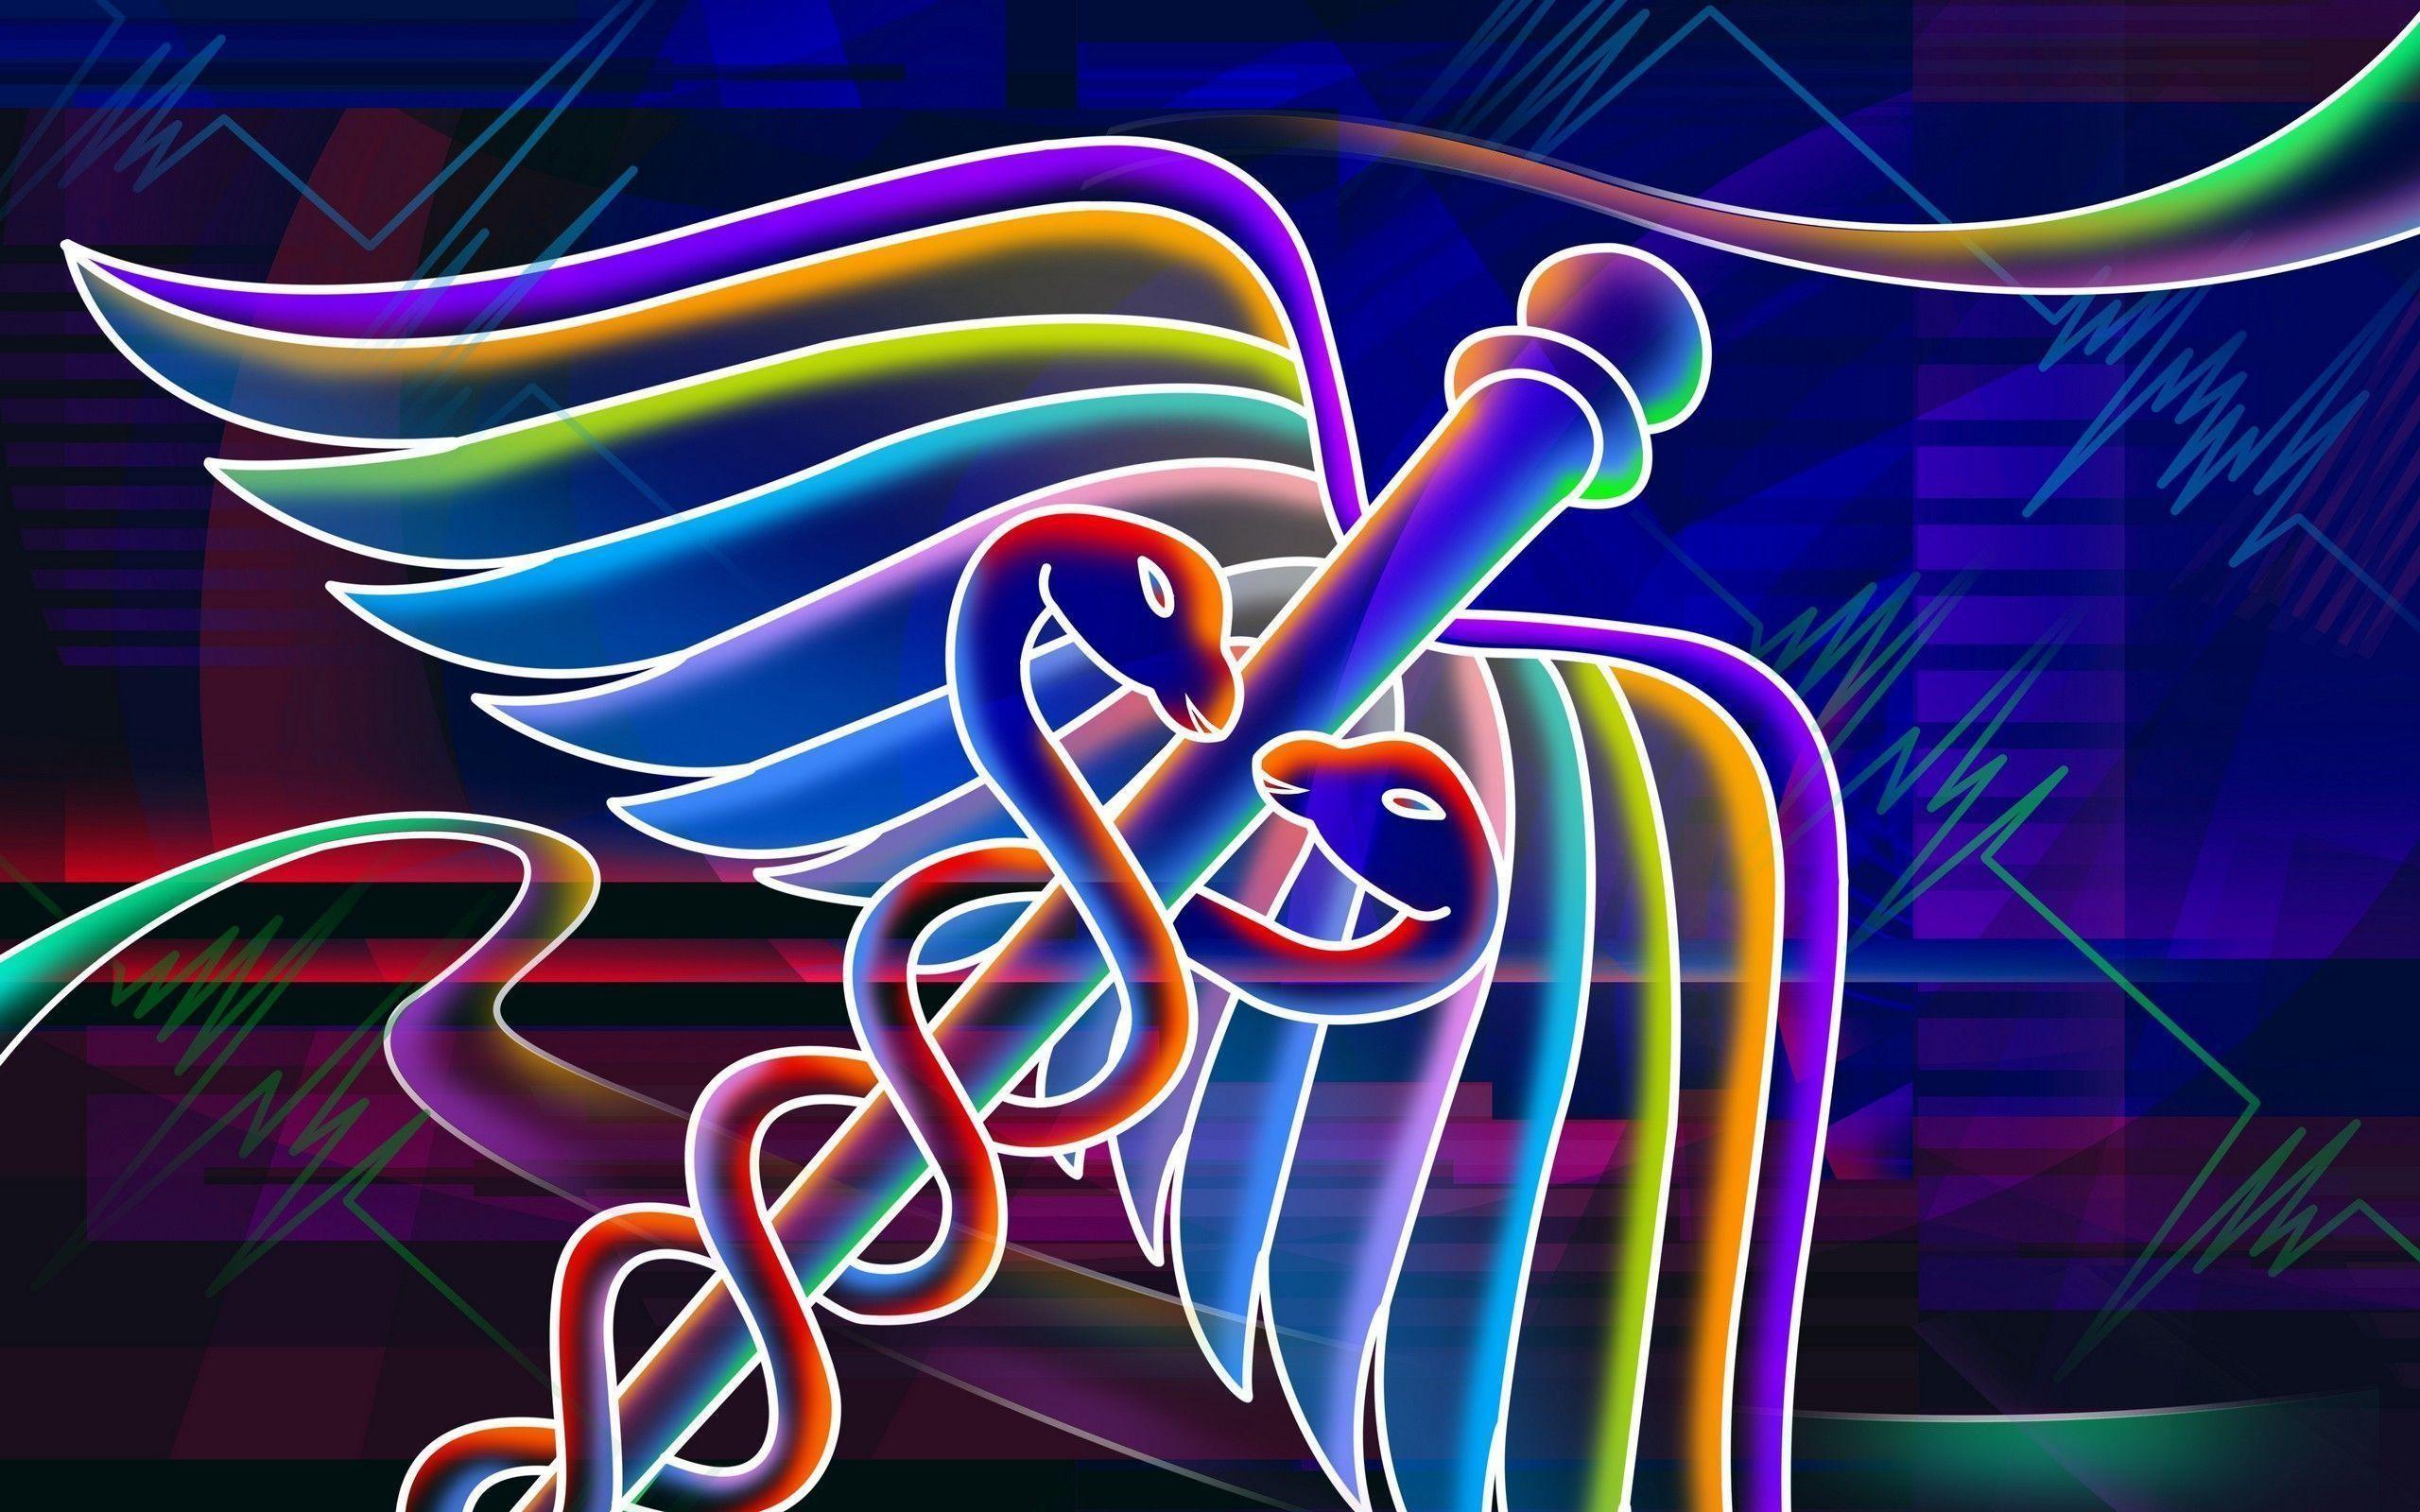 HD <b>Medical Wallpaper</b> – WallpaperSafari